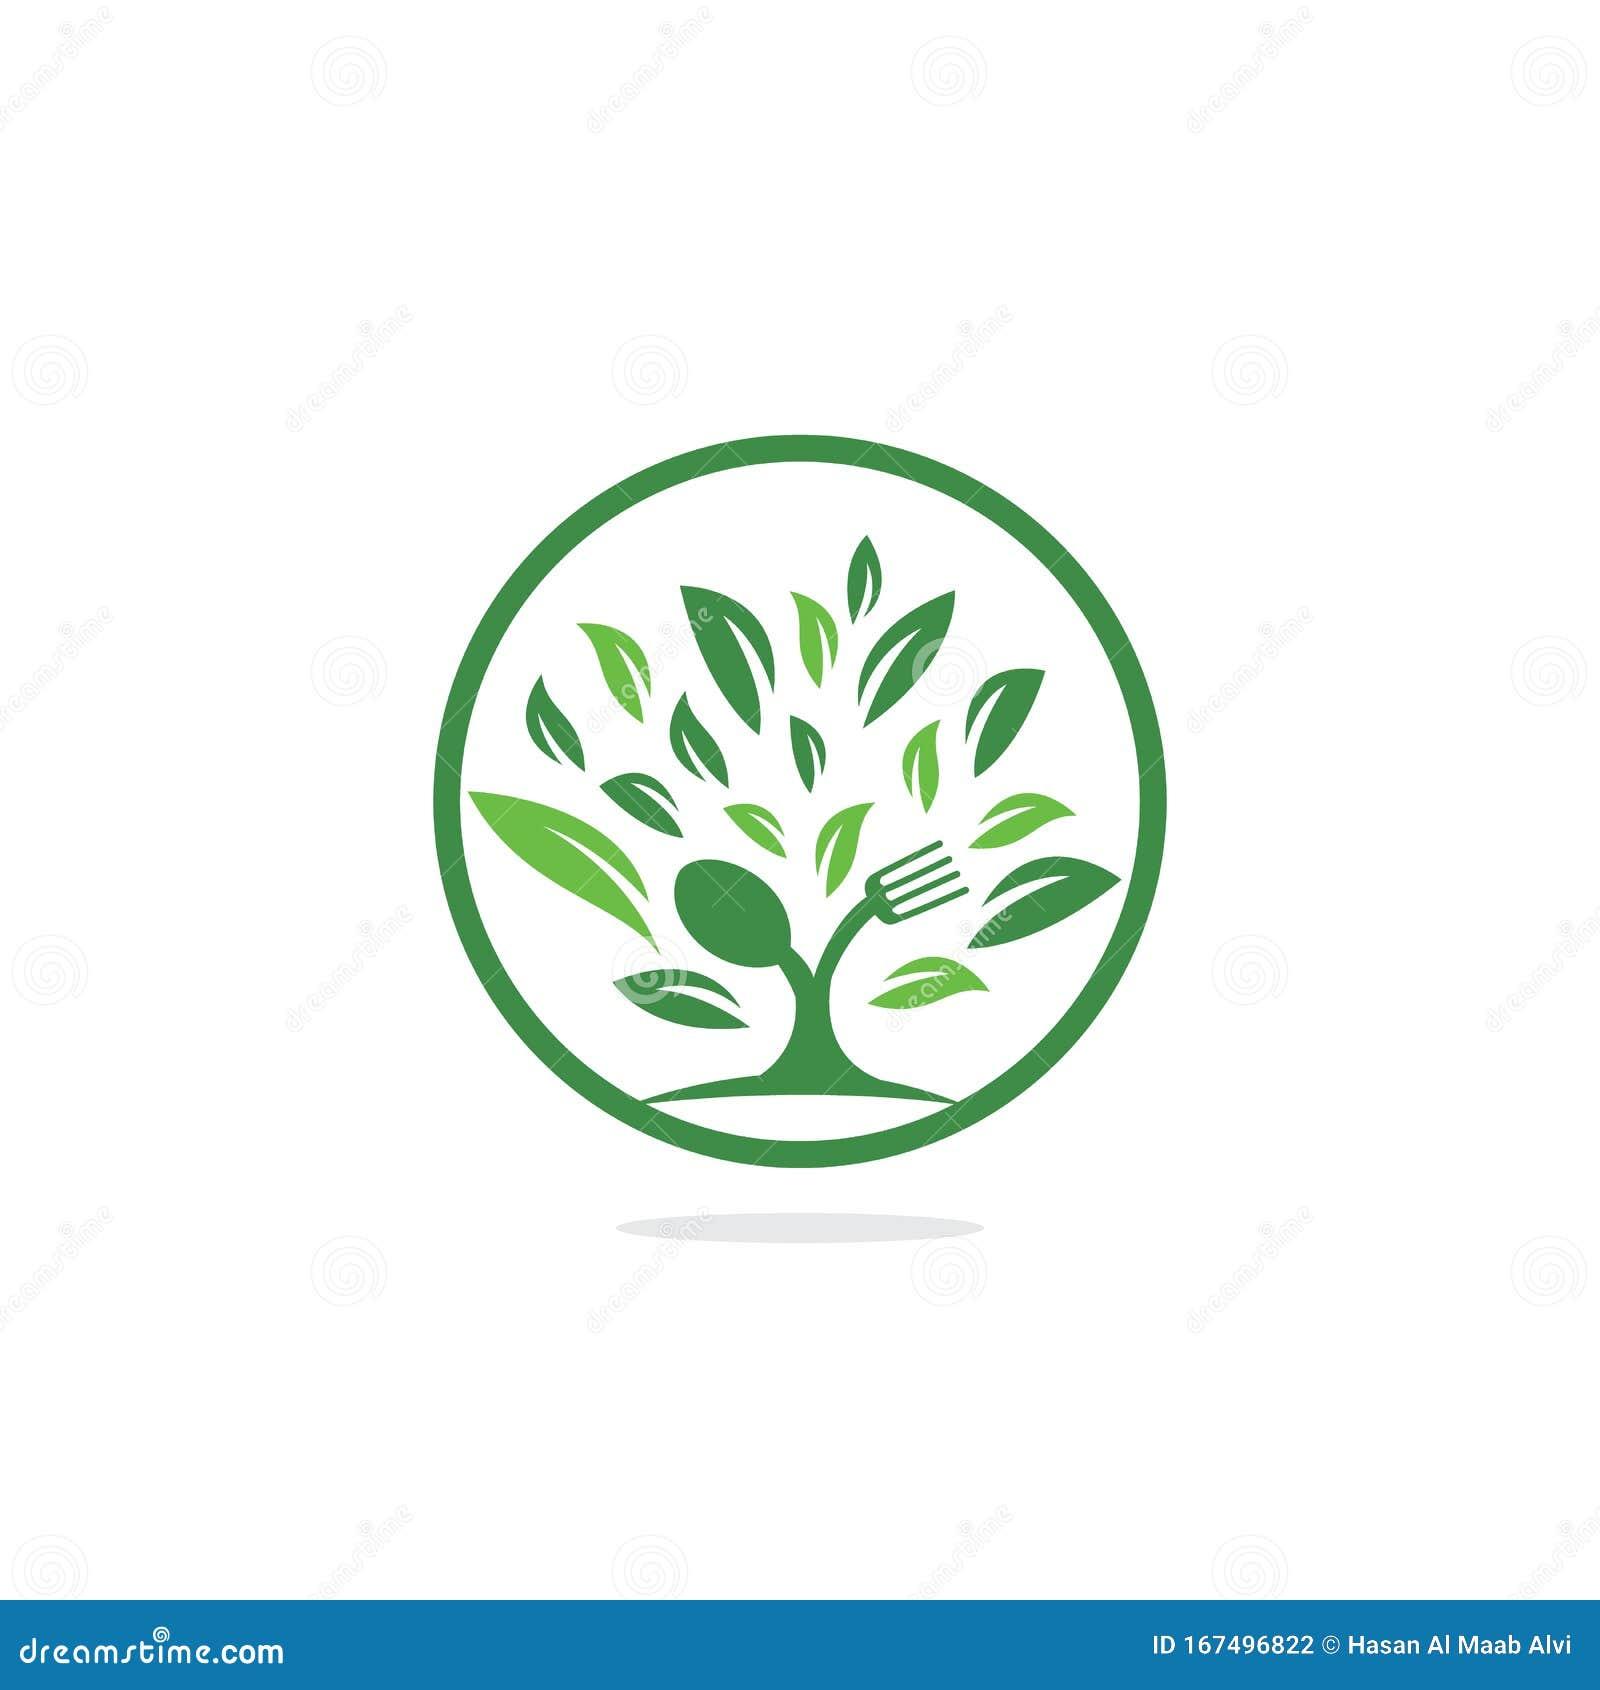 Fork And Spoon Tree Logo Design For Restaurant Or Cafe Stock Vector Illustration Of Branding Logo 167496822